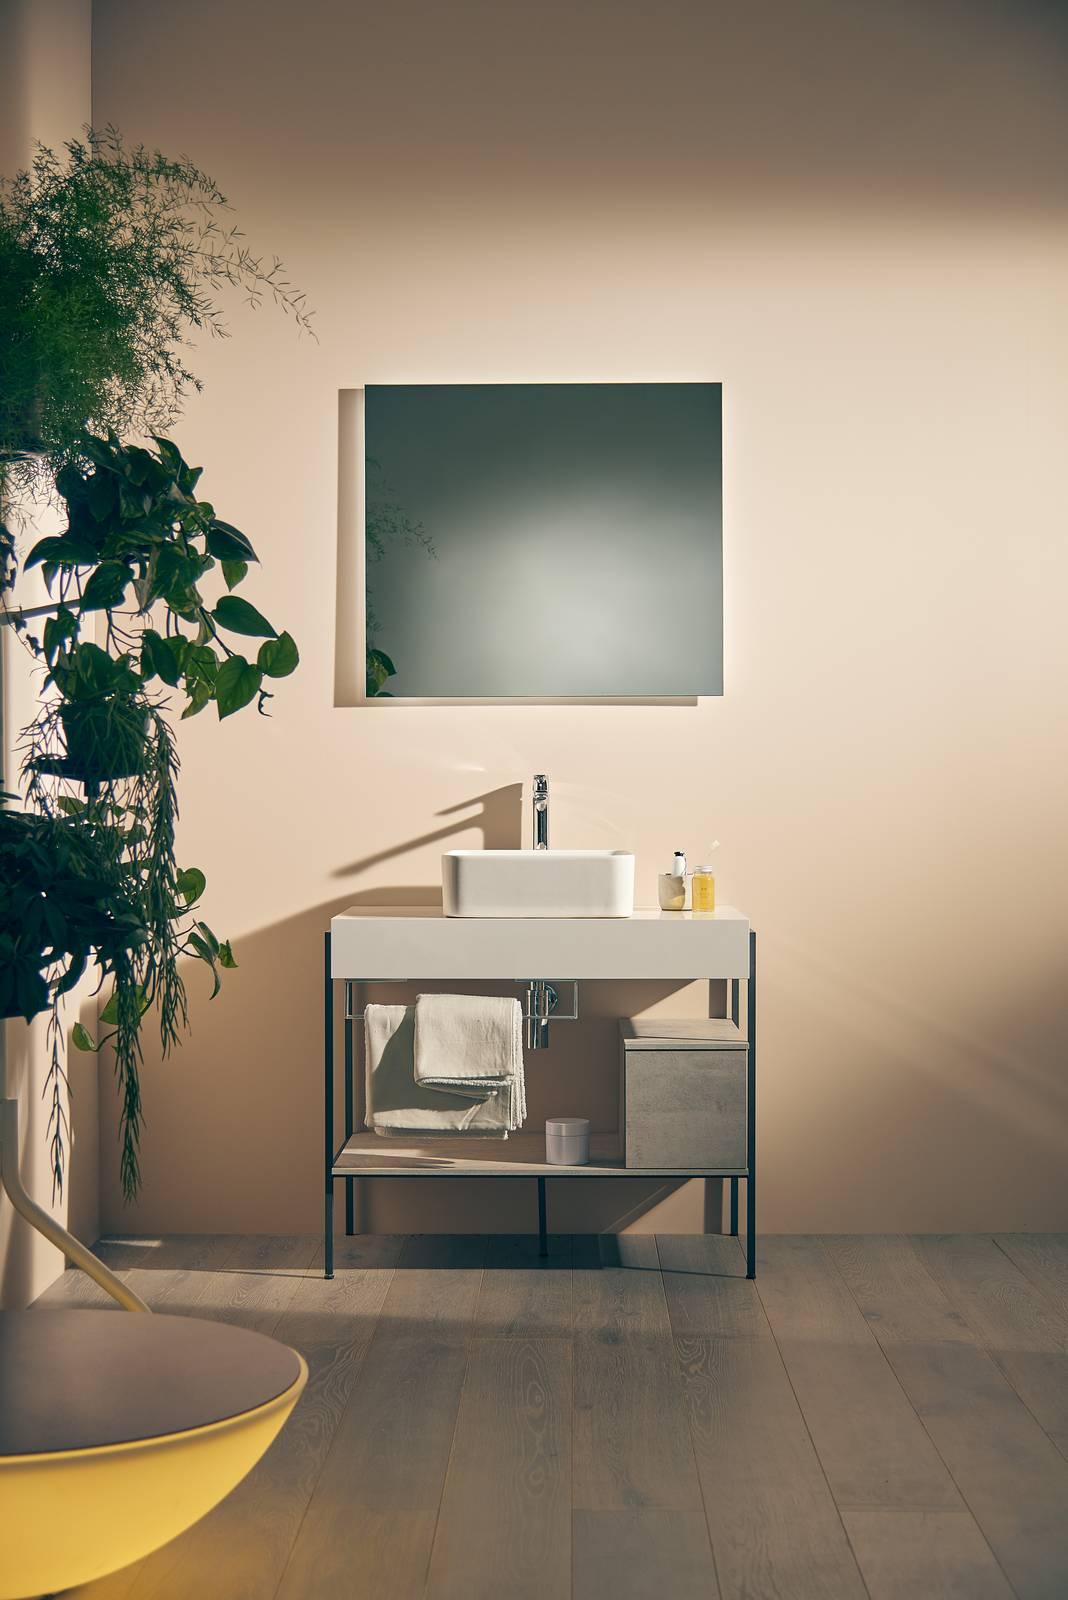 Super Bagno in stile industriale per una casa total look - Cose di Casa CM95